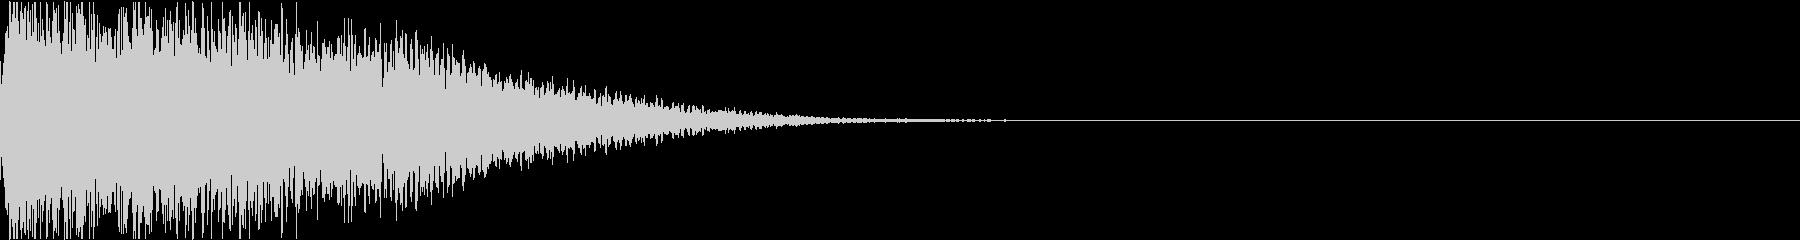 ロボット 合体 ガシーン 金属 重い16の未再生の波形